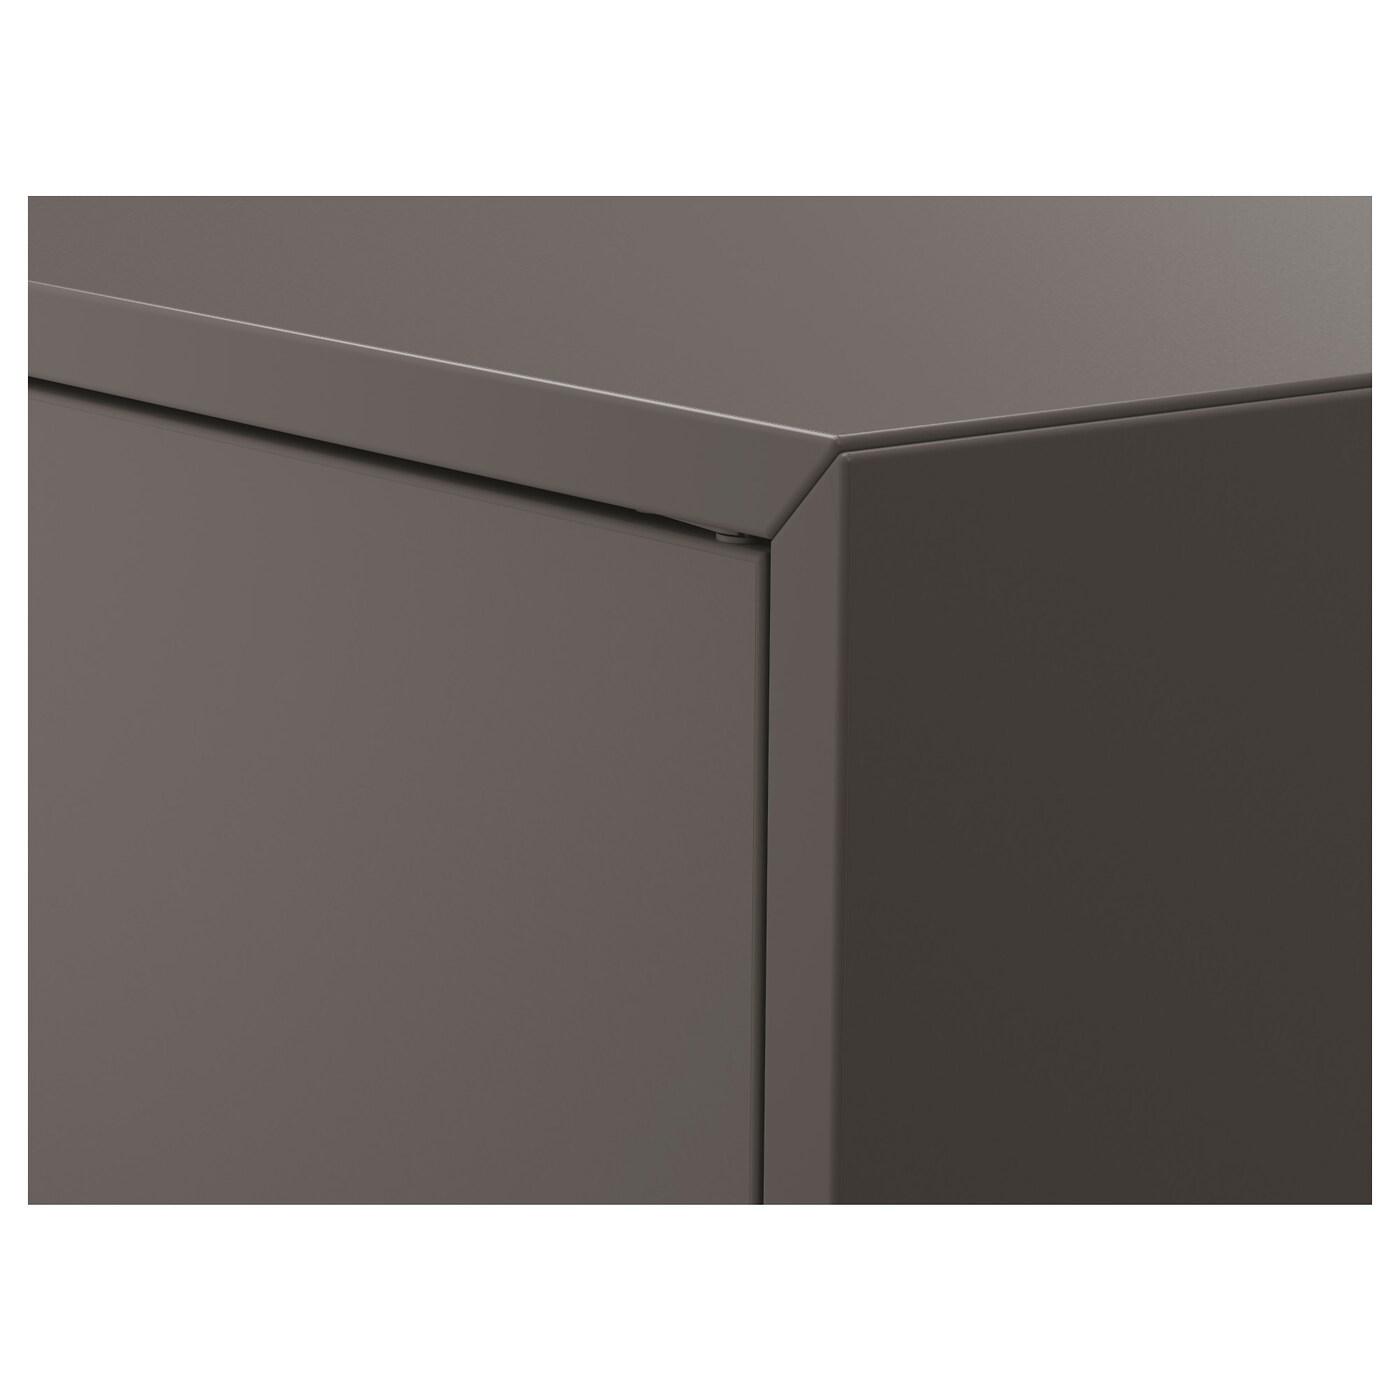 EKET Kast met 2 deuren en 1 plank, donkergrijs, 70x35x70 cm